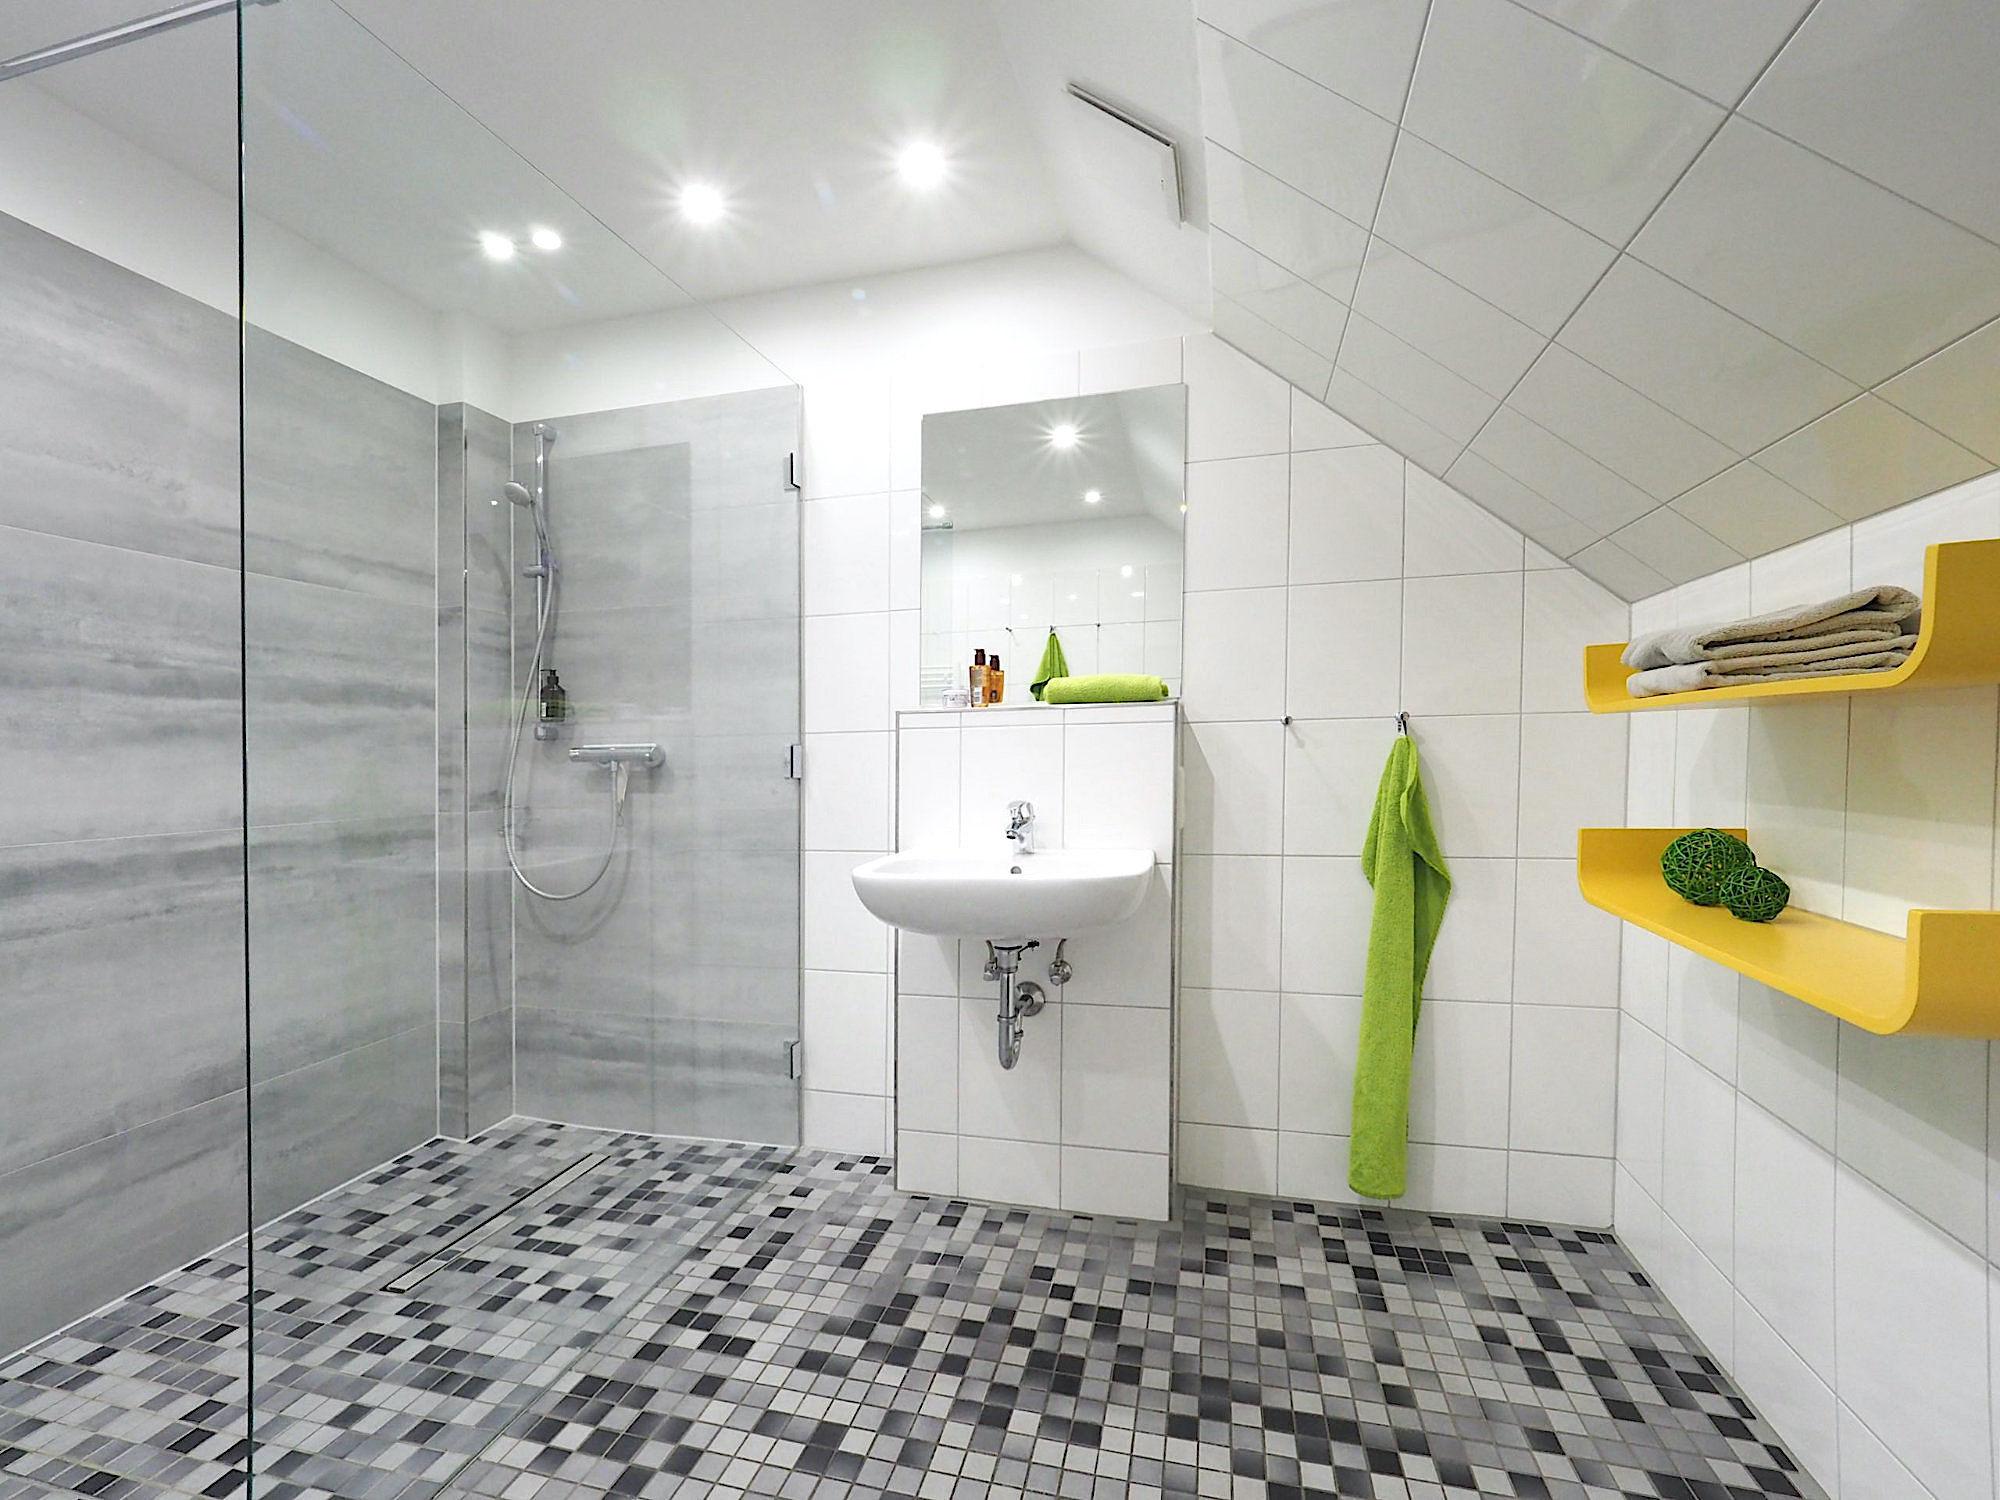 Duschbad mit bodentiefer Dusche, Waschbecken und zwei Regalen